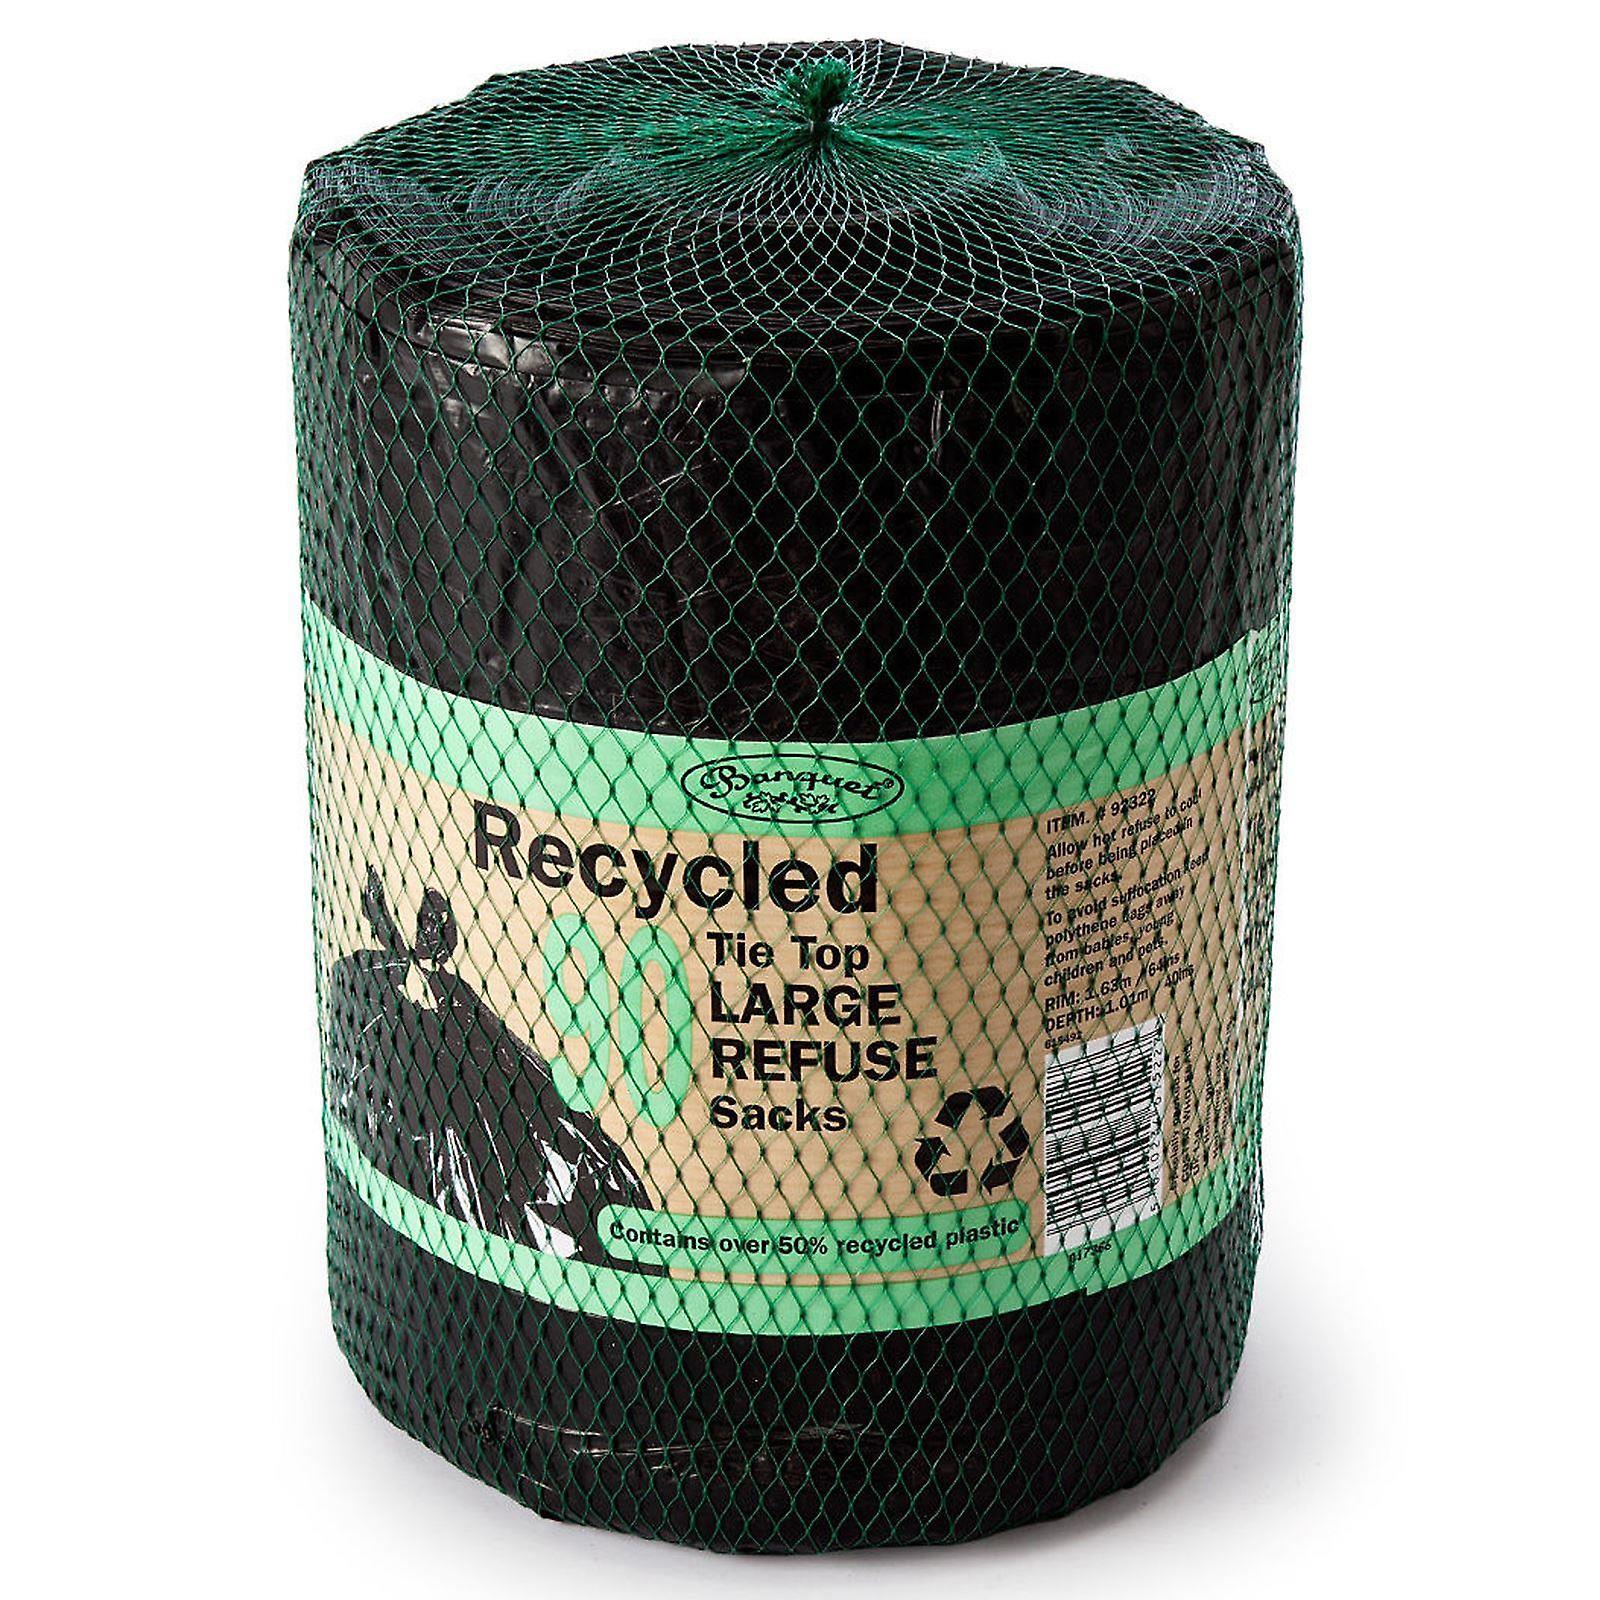 Banquete de reciclado 90 sacos de basura grande superior de Tie